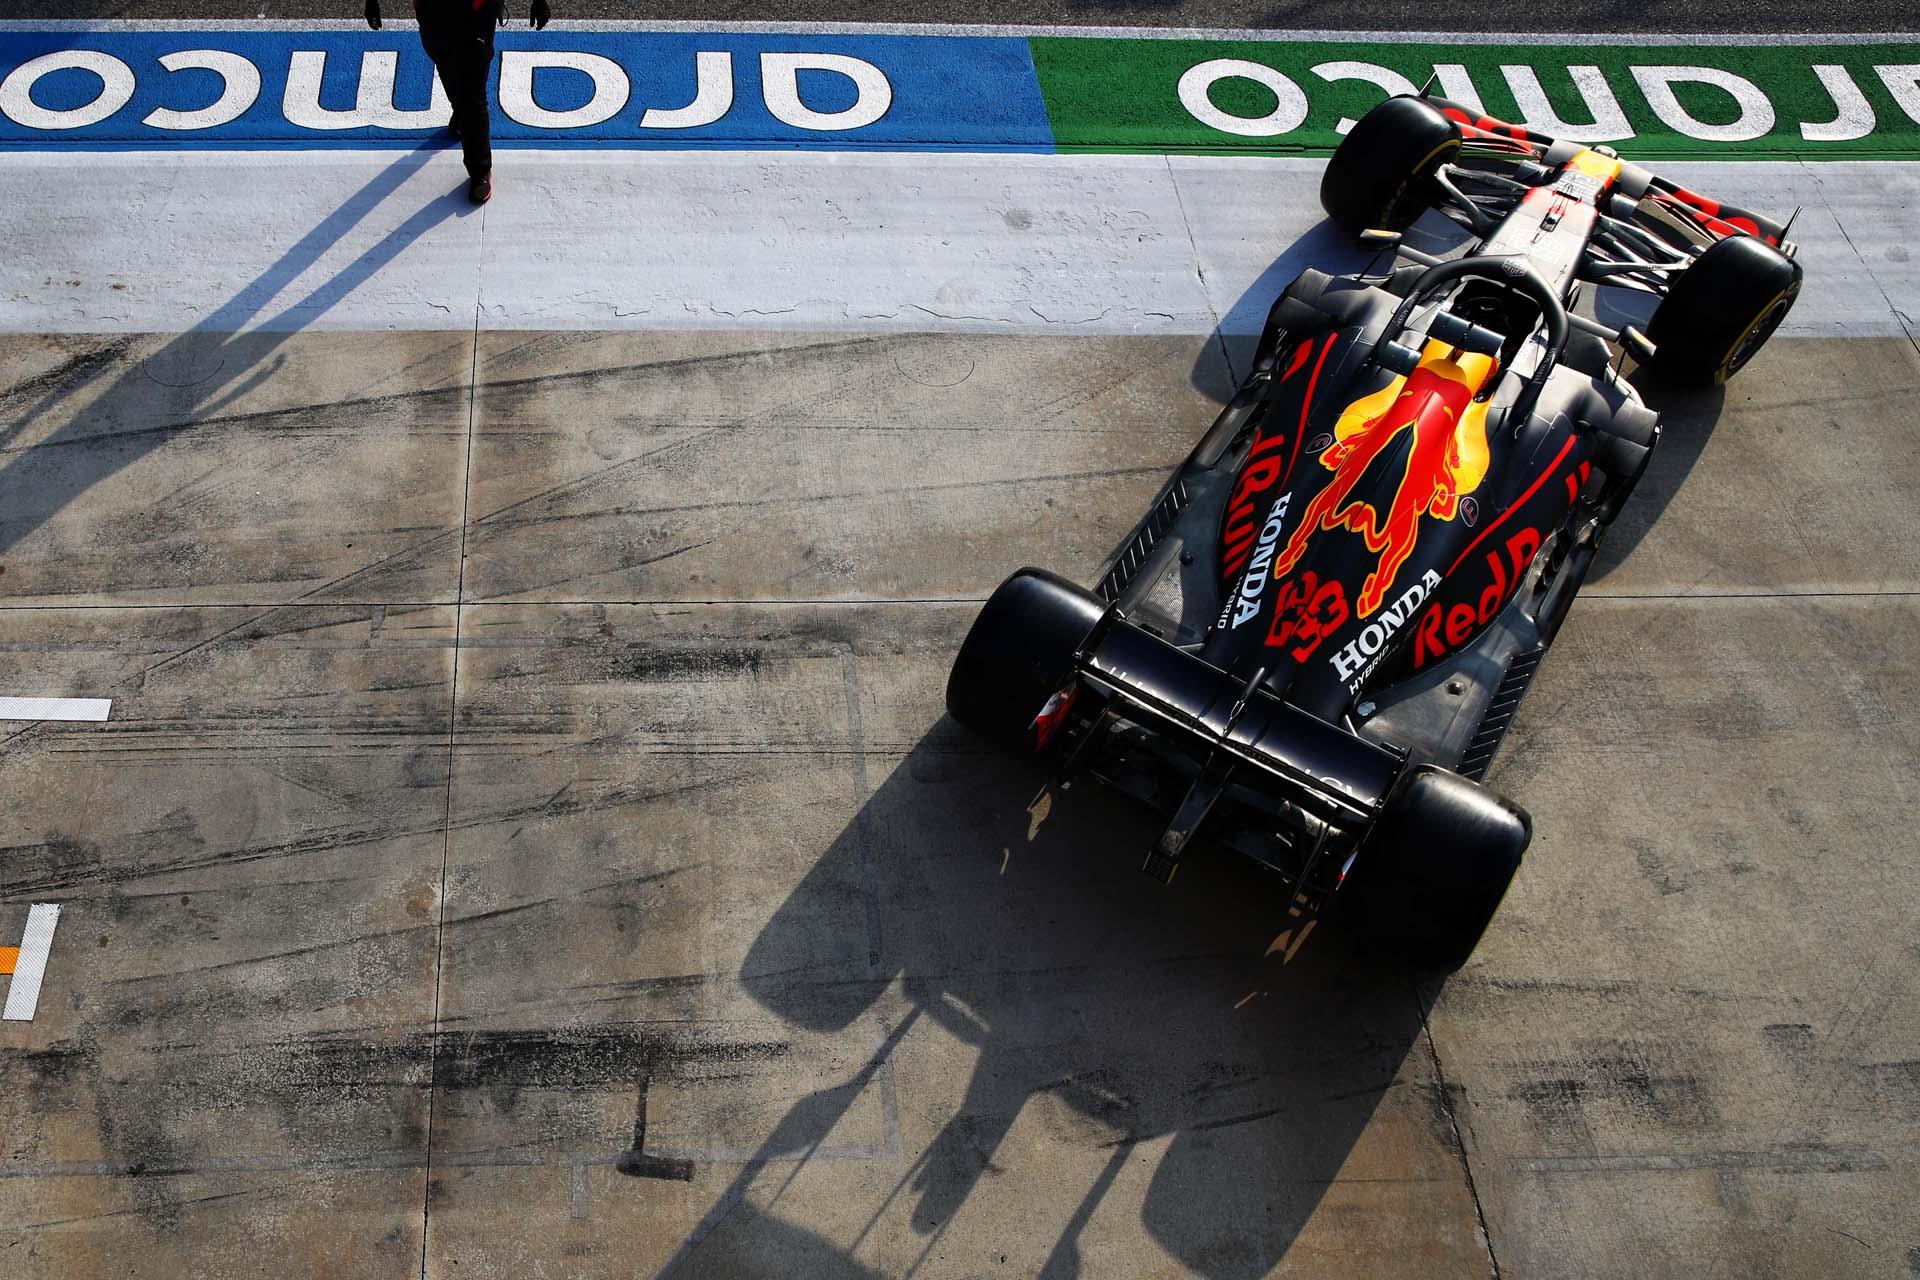 F1 Grand Prix of Emilia Romagna - Practice & Qualifying